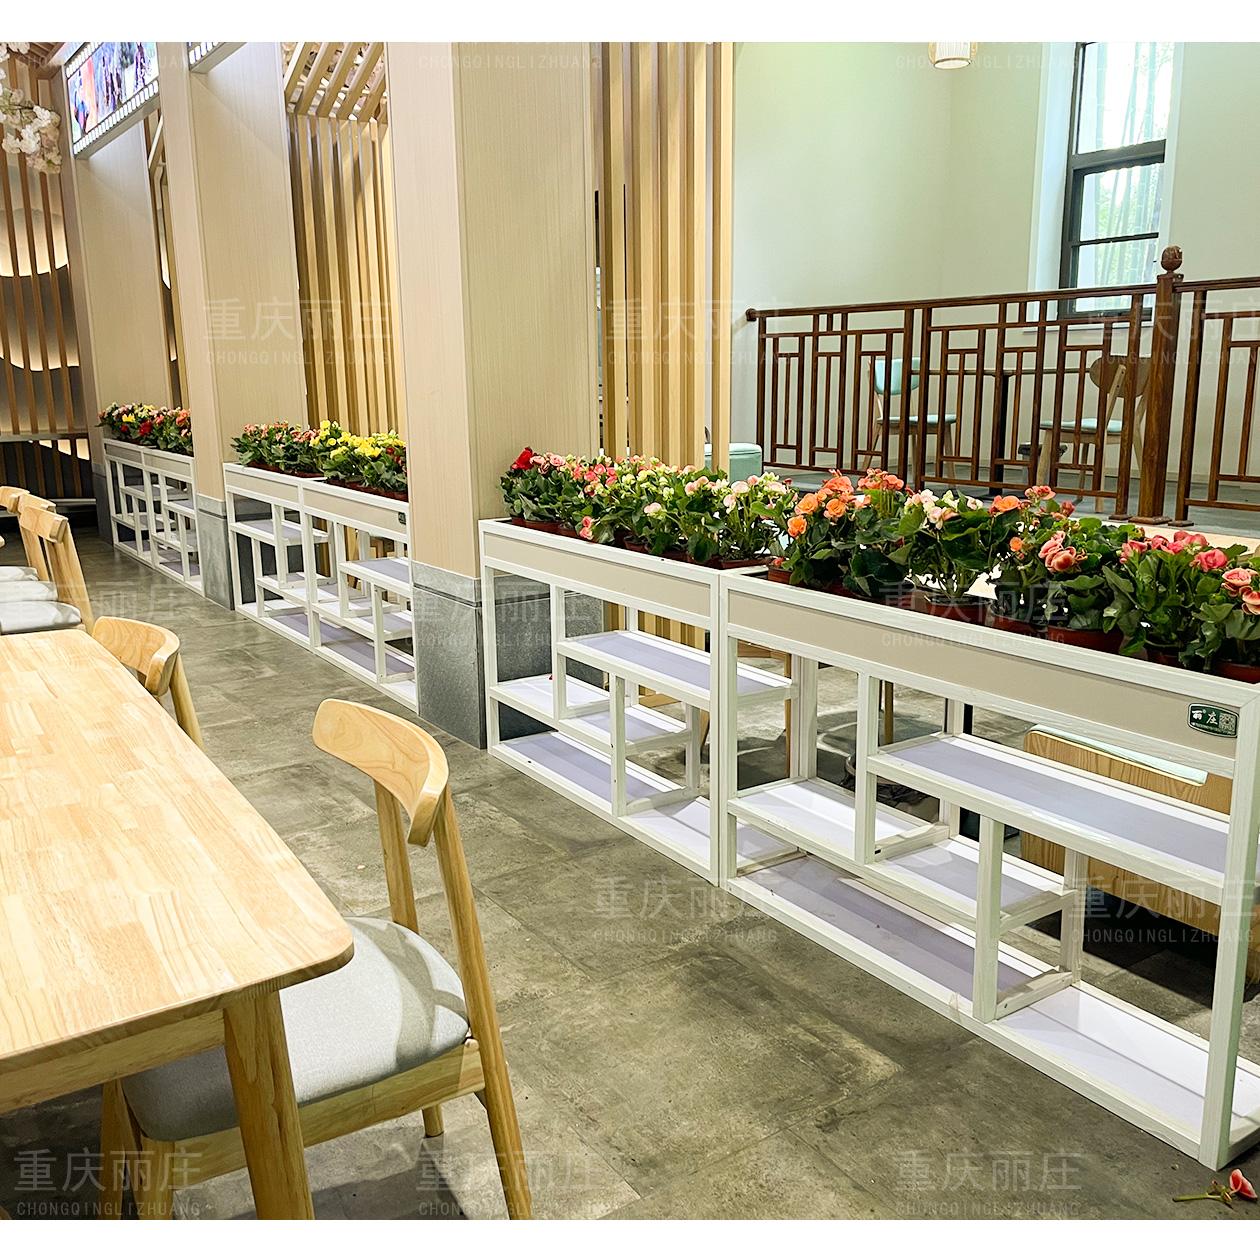 重庆铝合金花架餐厅隔断花箱厂家定制